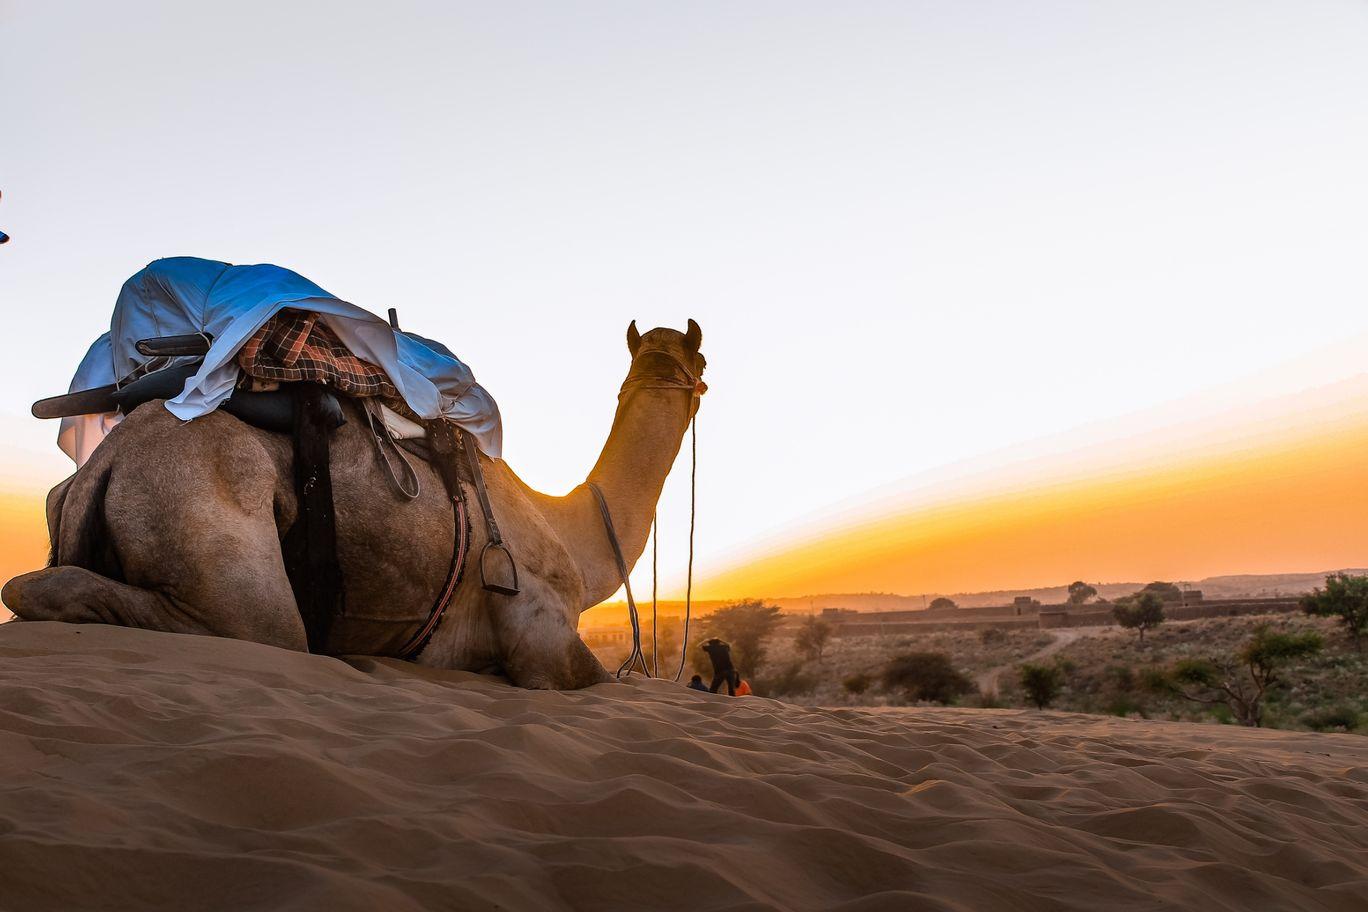 Photo of Thar Desert By Nikhlesh tyagi